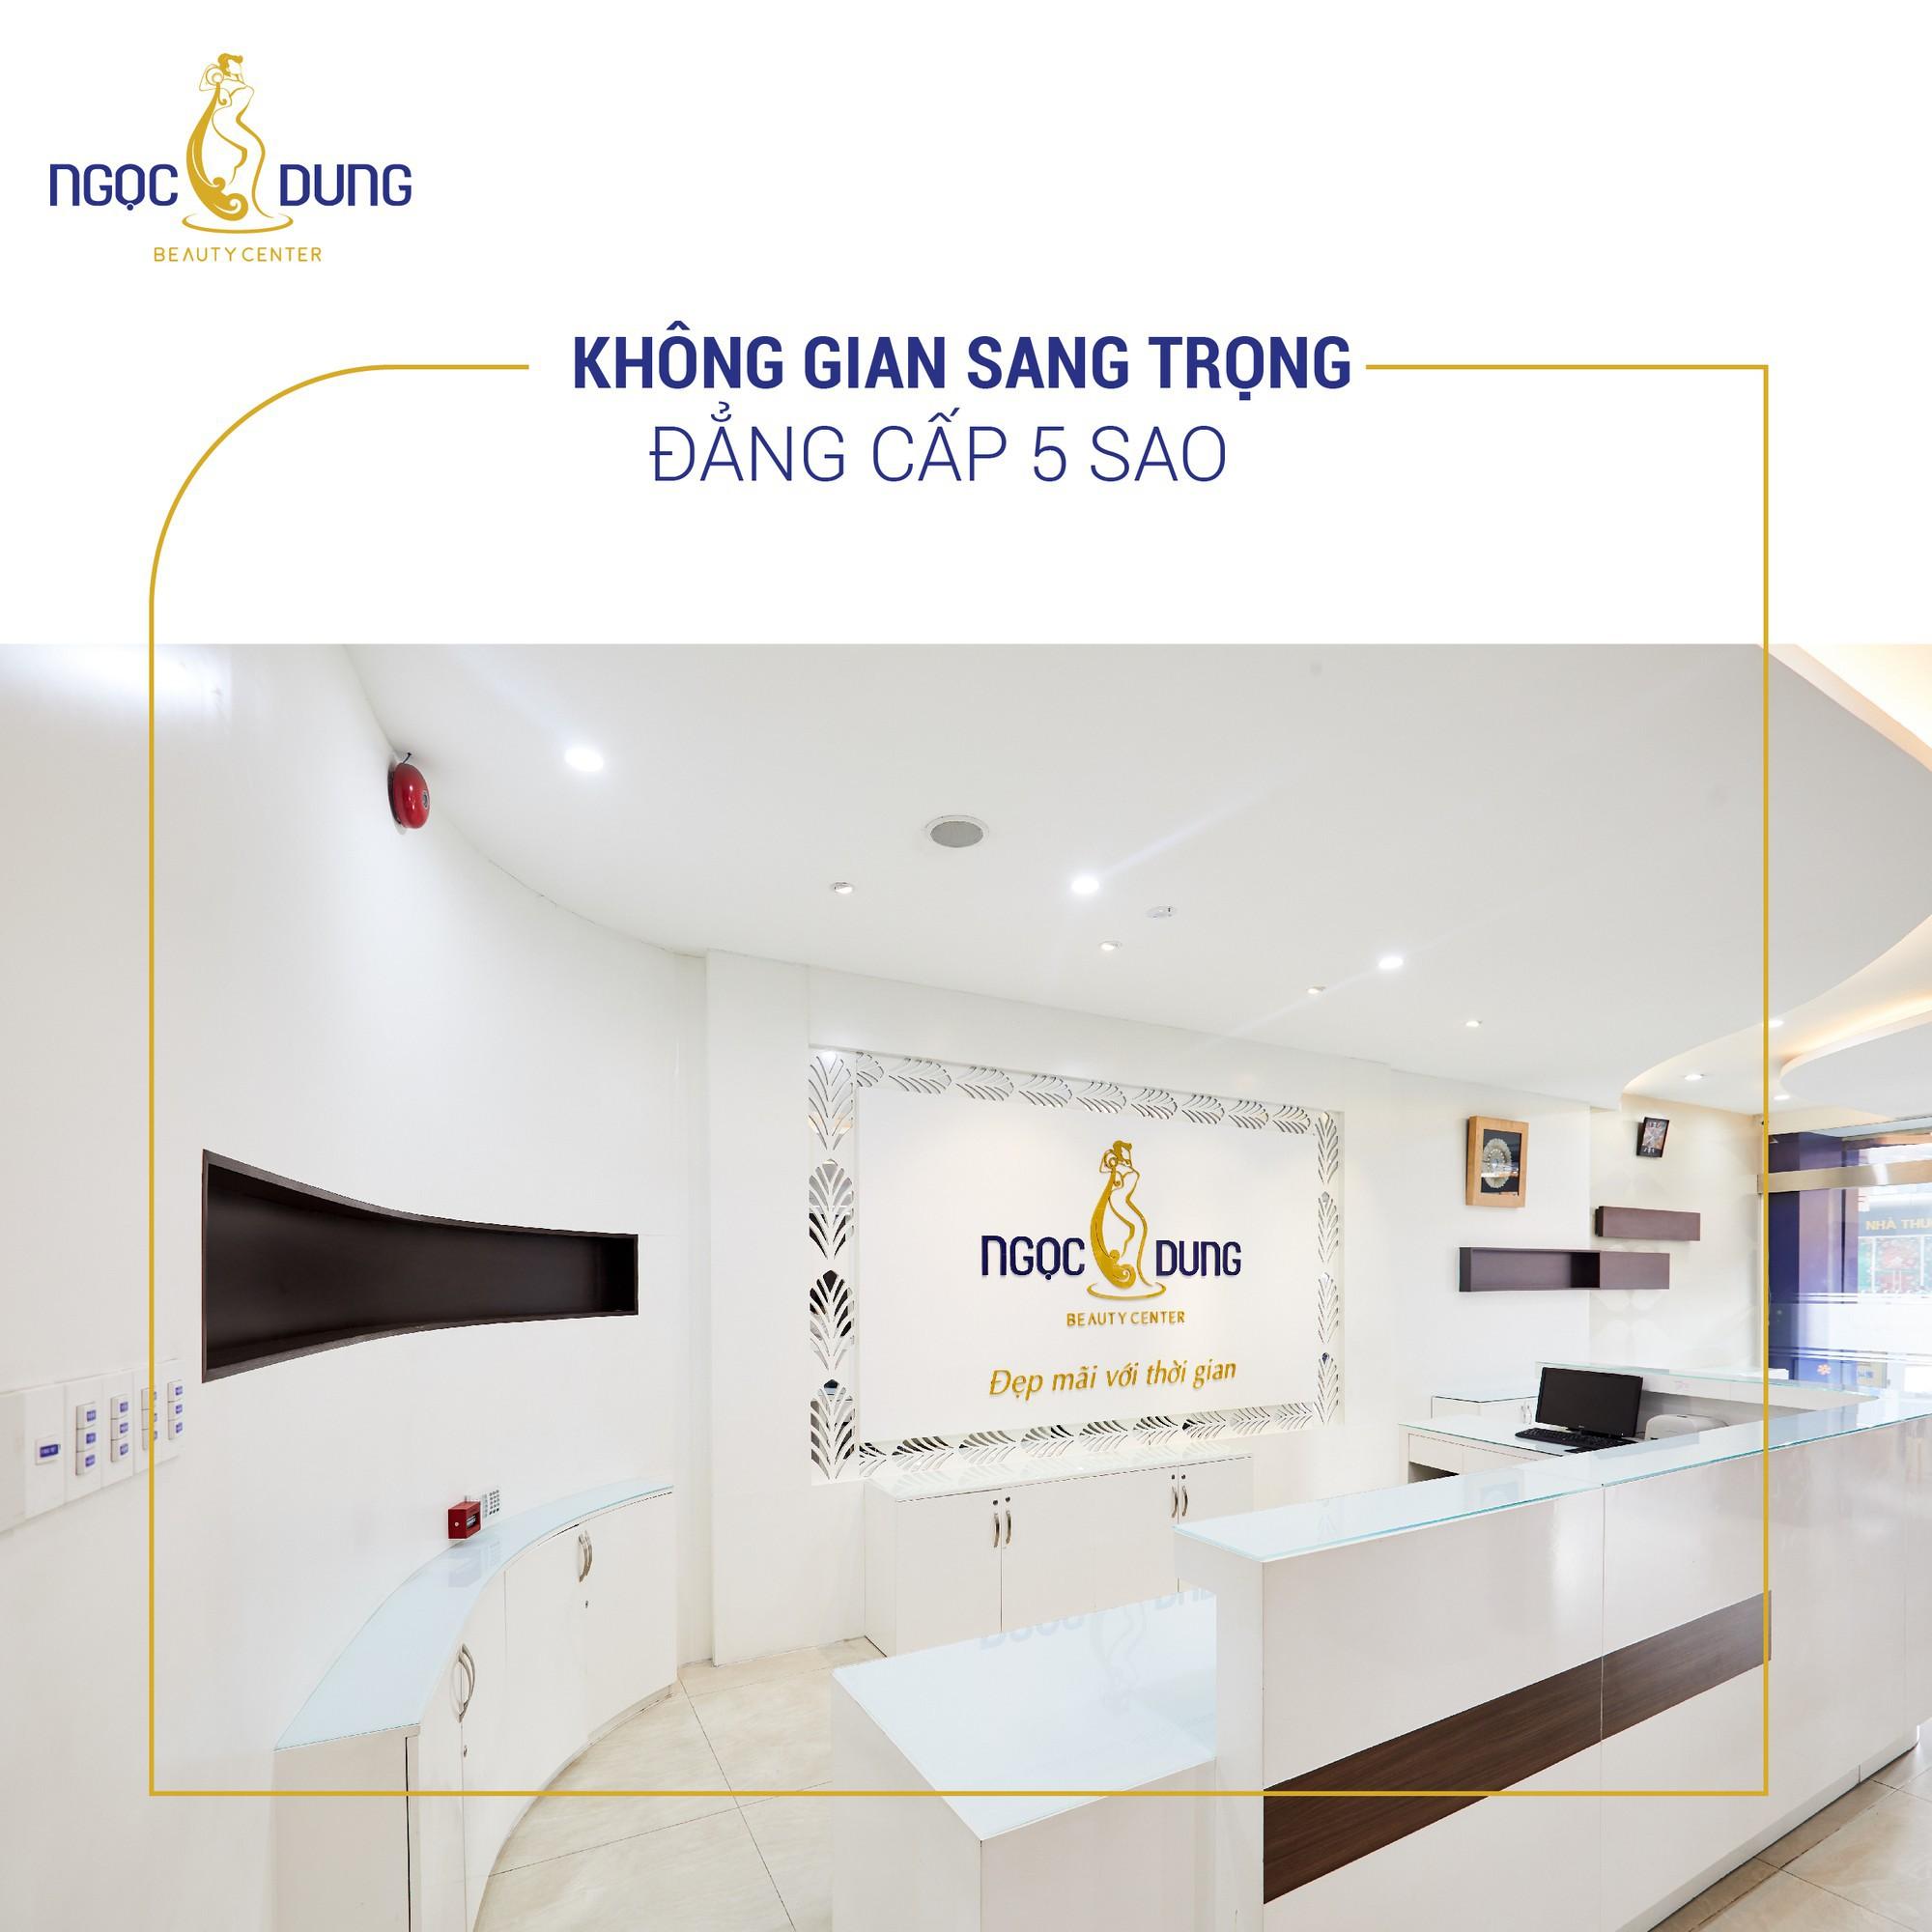 Xuất hiện thẩm mỹ viện sang chảnh tại Nha Trang khiến phái đẹp trầm trồ - Ảnh 3.